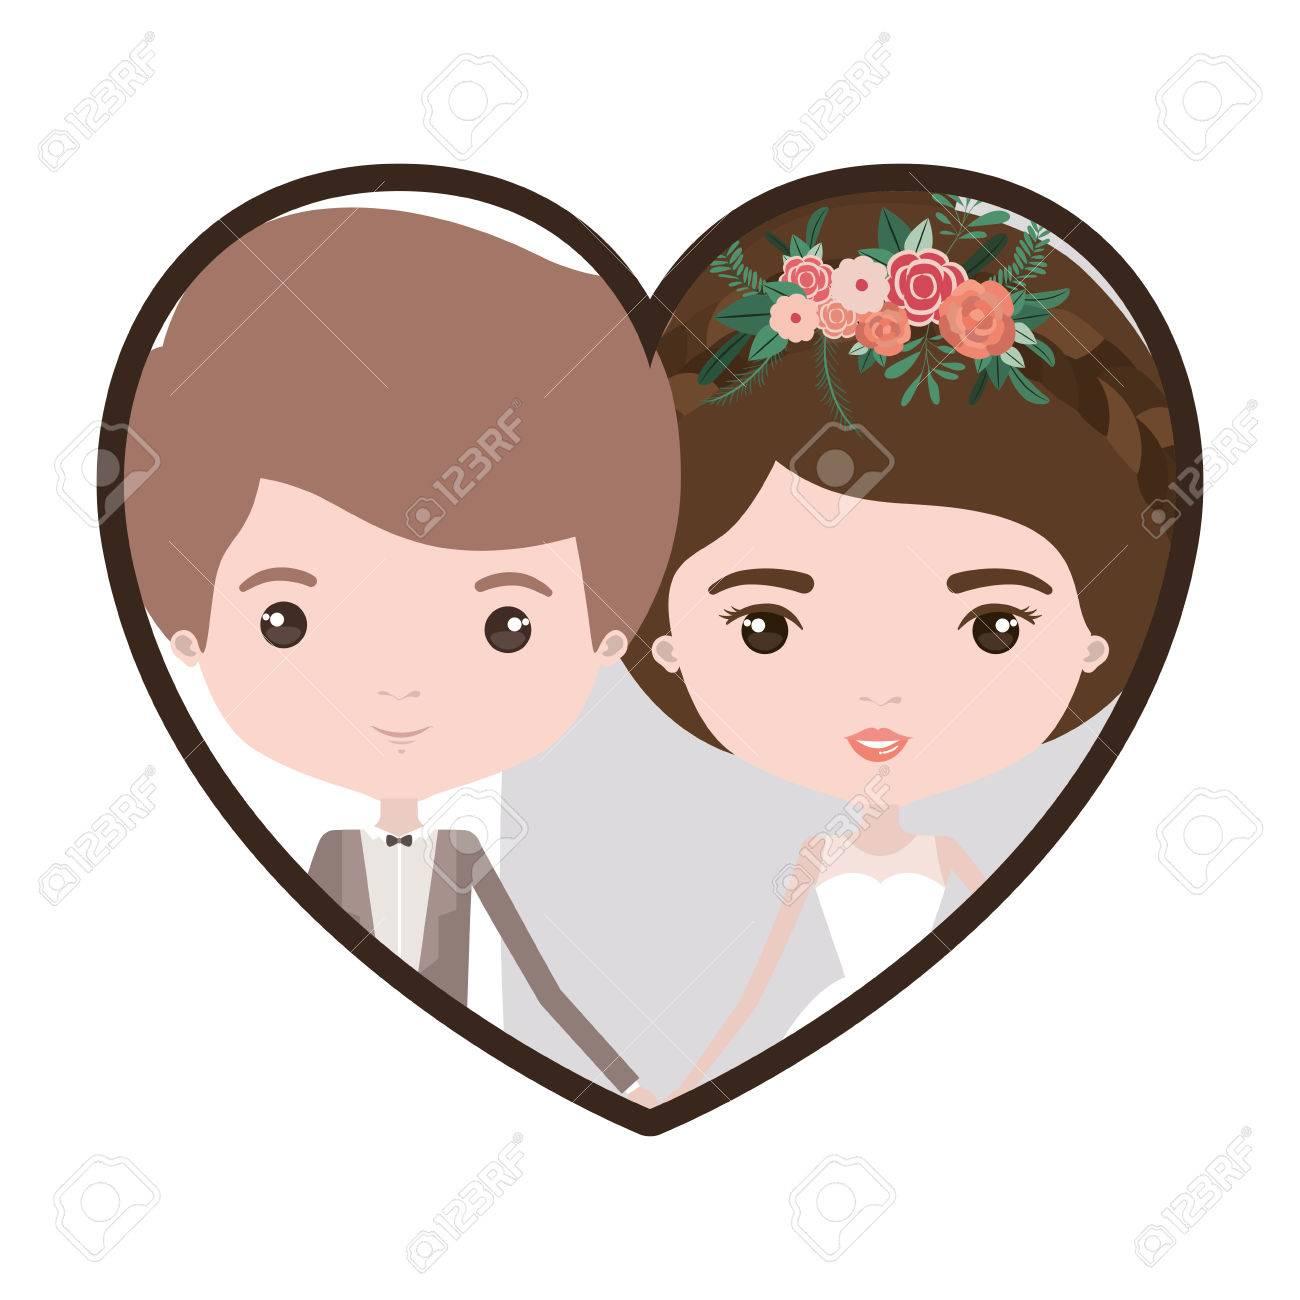 Colorido Forma De Corazón Retrato Con Caricatura Novio Recién Casado ...